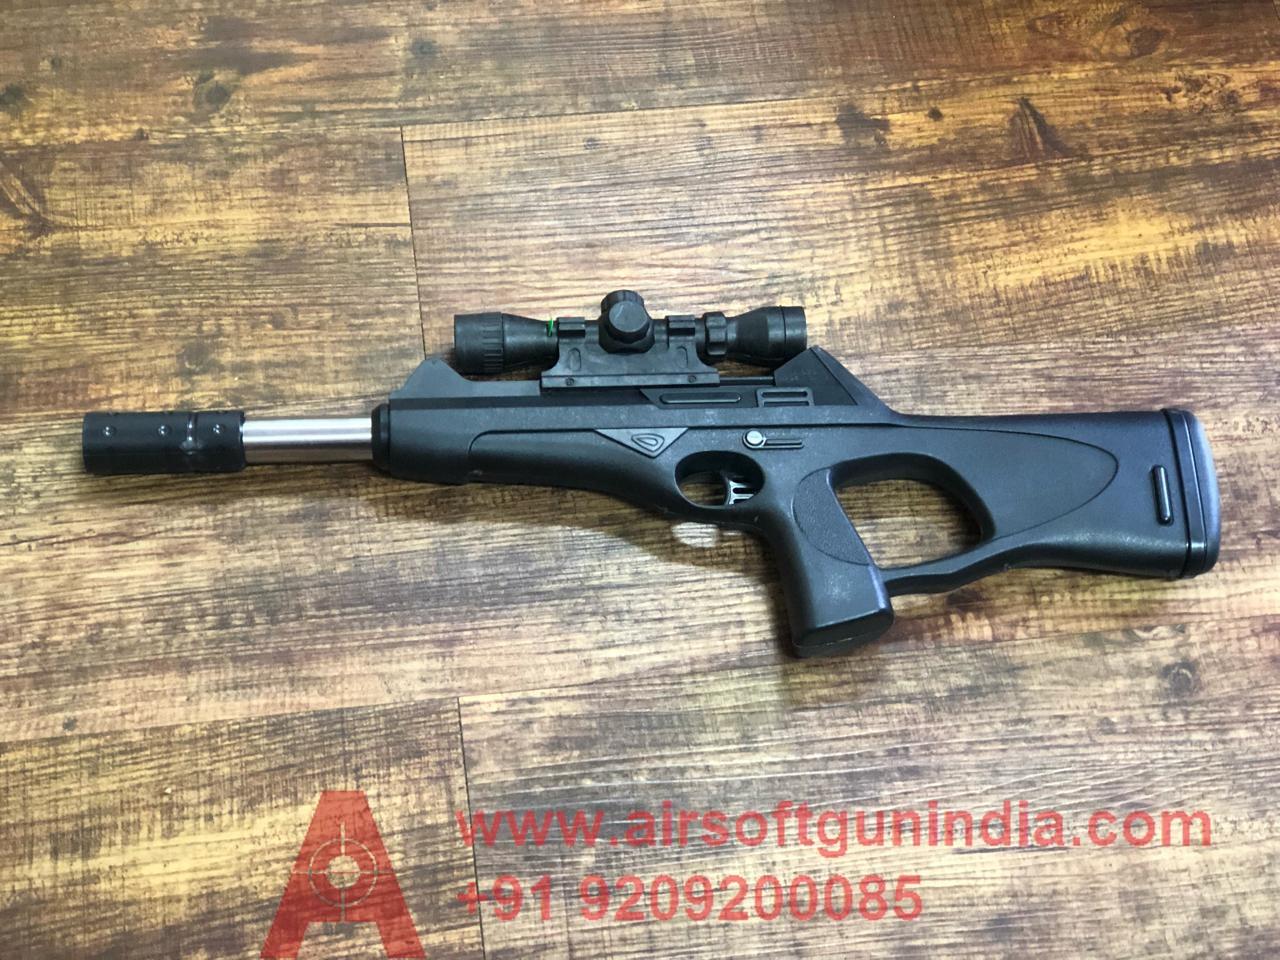 M922 Airsoft Rifle By Airsoft Gun India